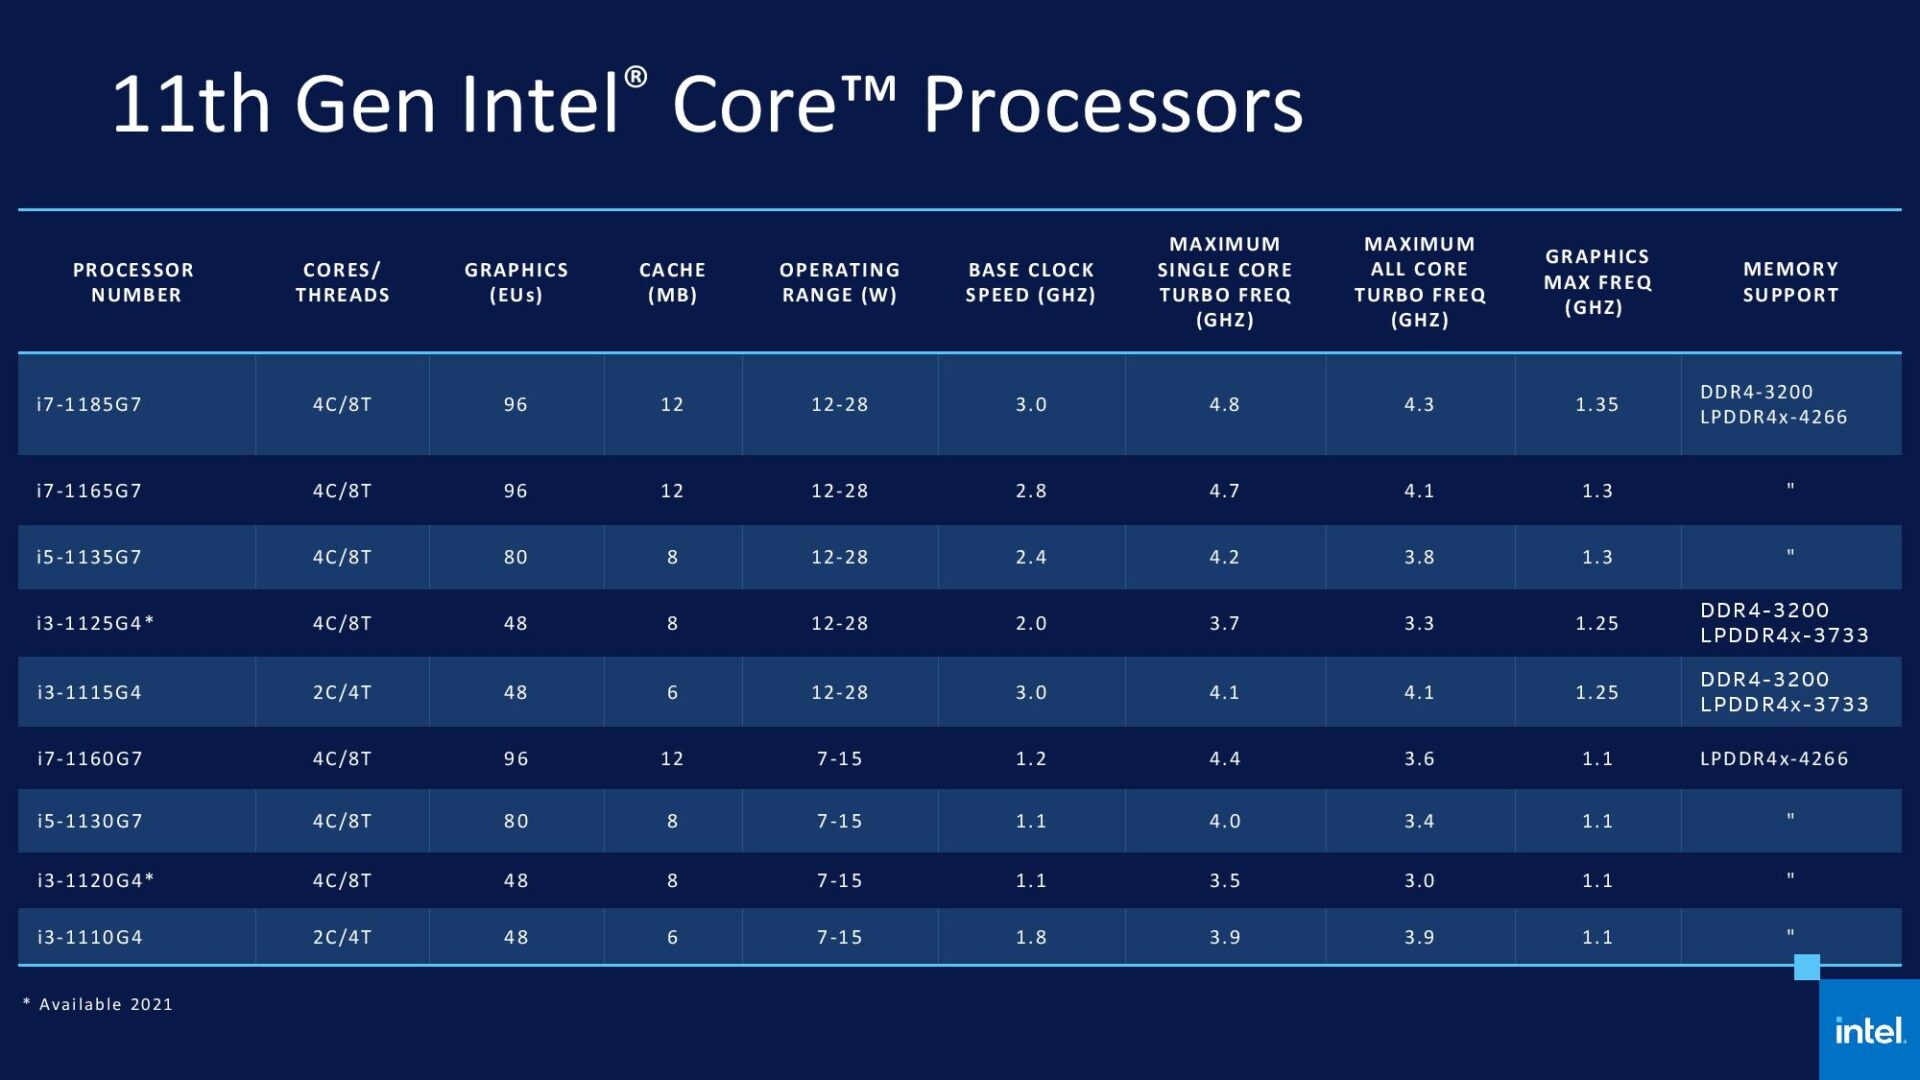 Intel Tiger Lake CPUs